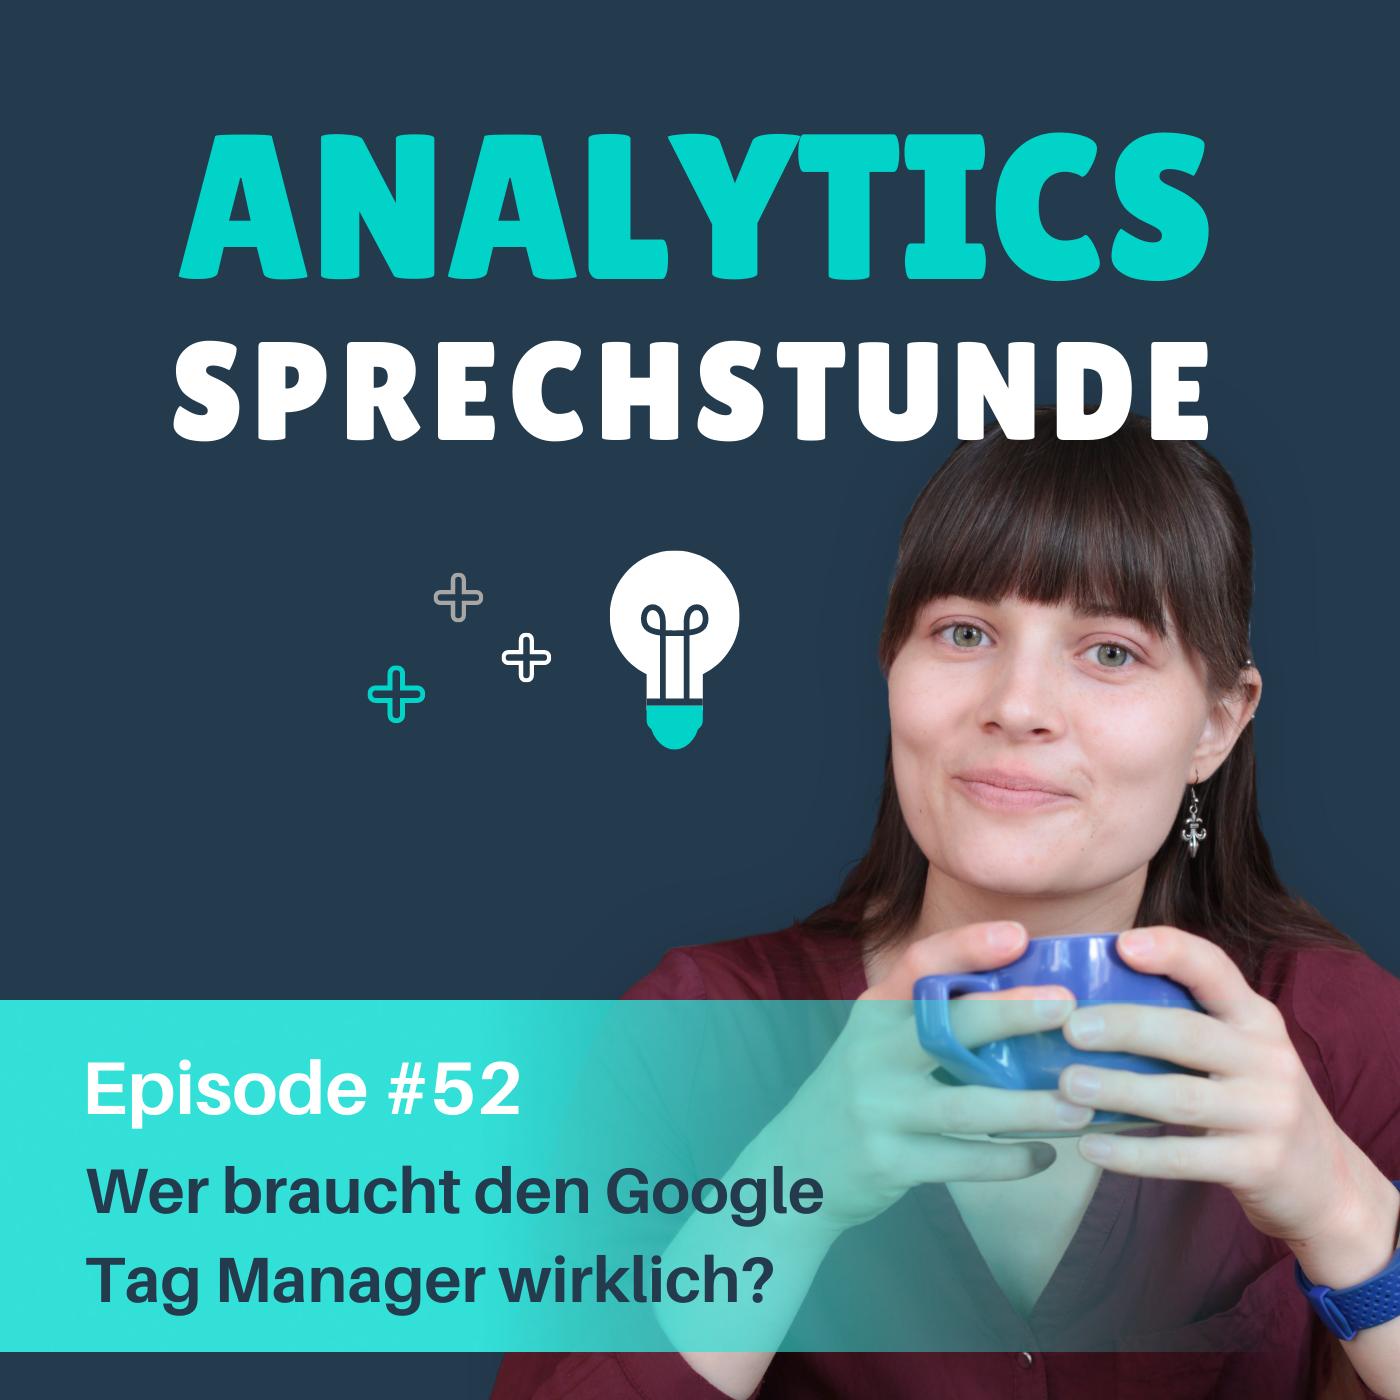 52 Wer braucht den Google Tag Manager wirklich